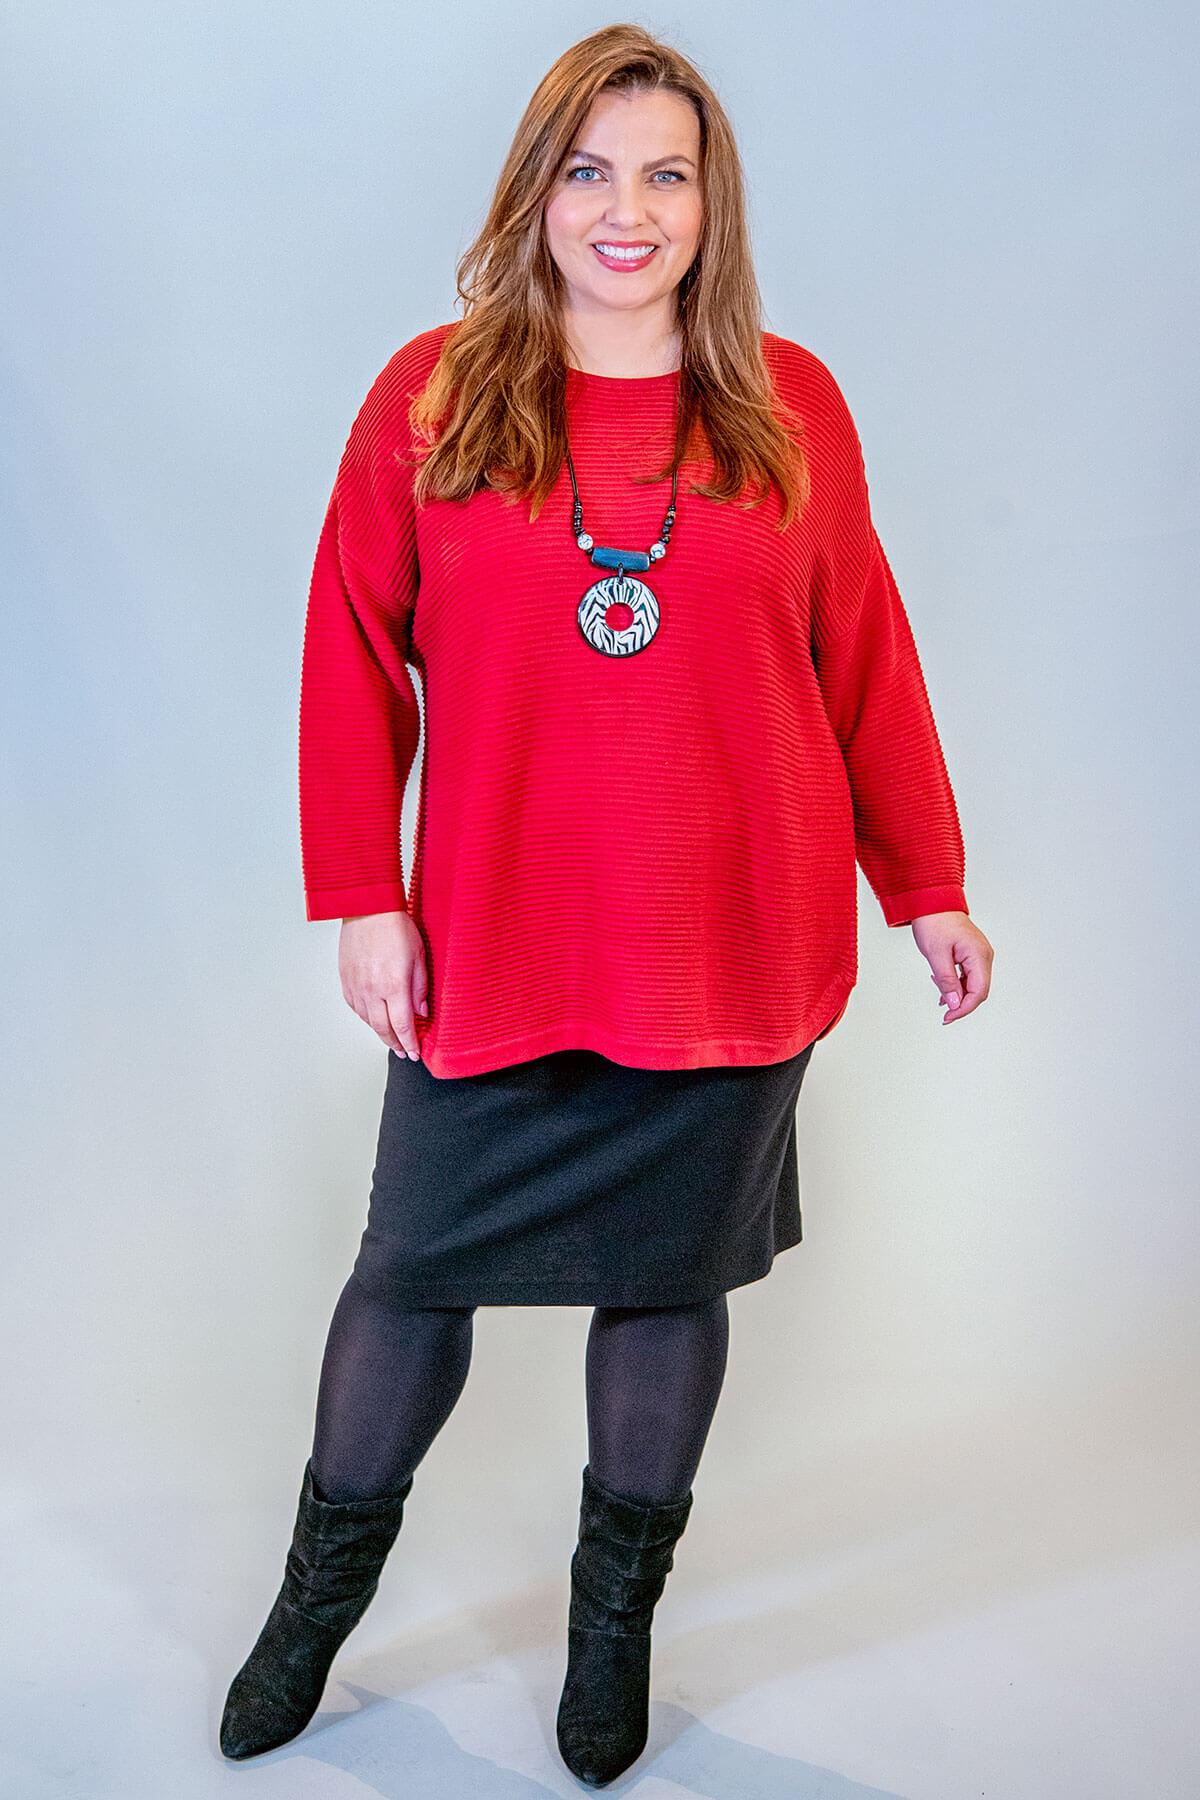 Doris Streich jersey skirt